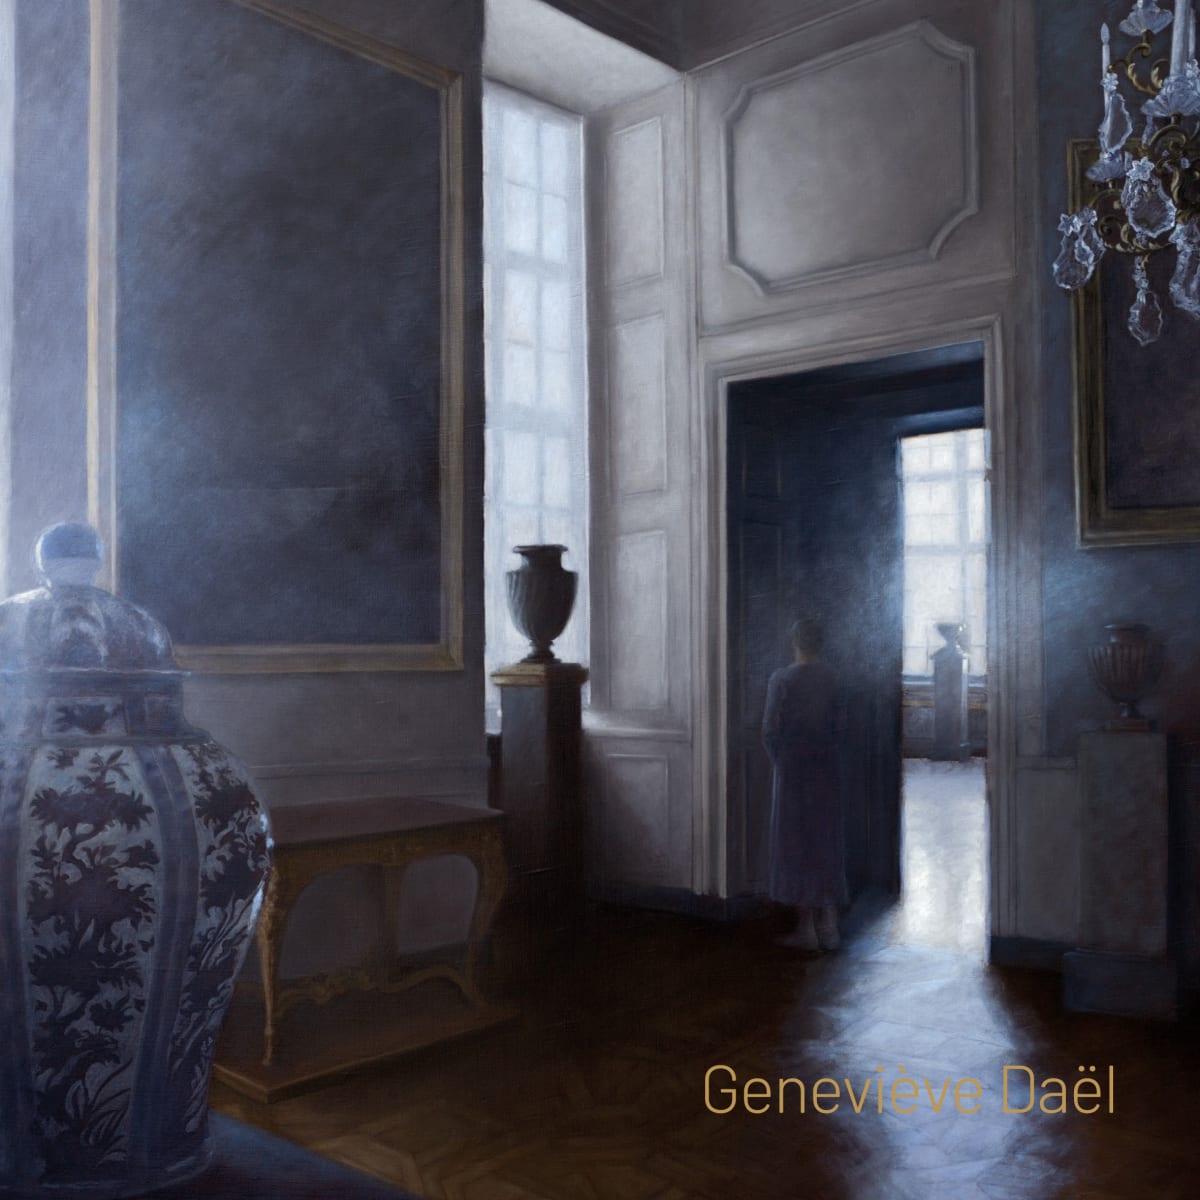 Geneviève Daël: De silence et d'ombre